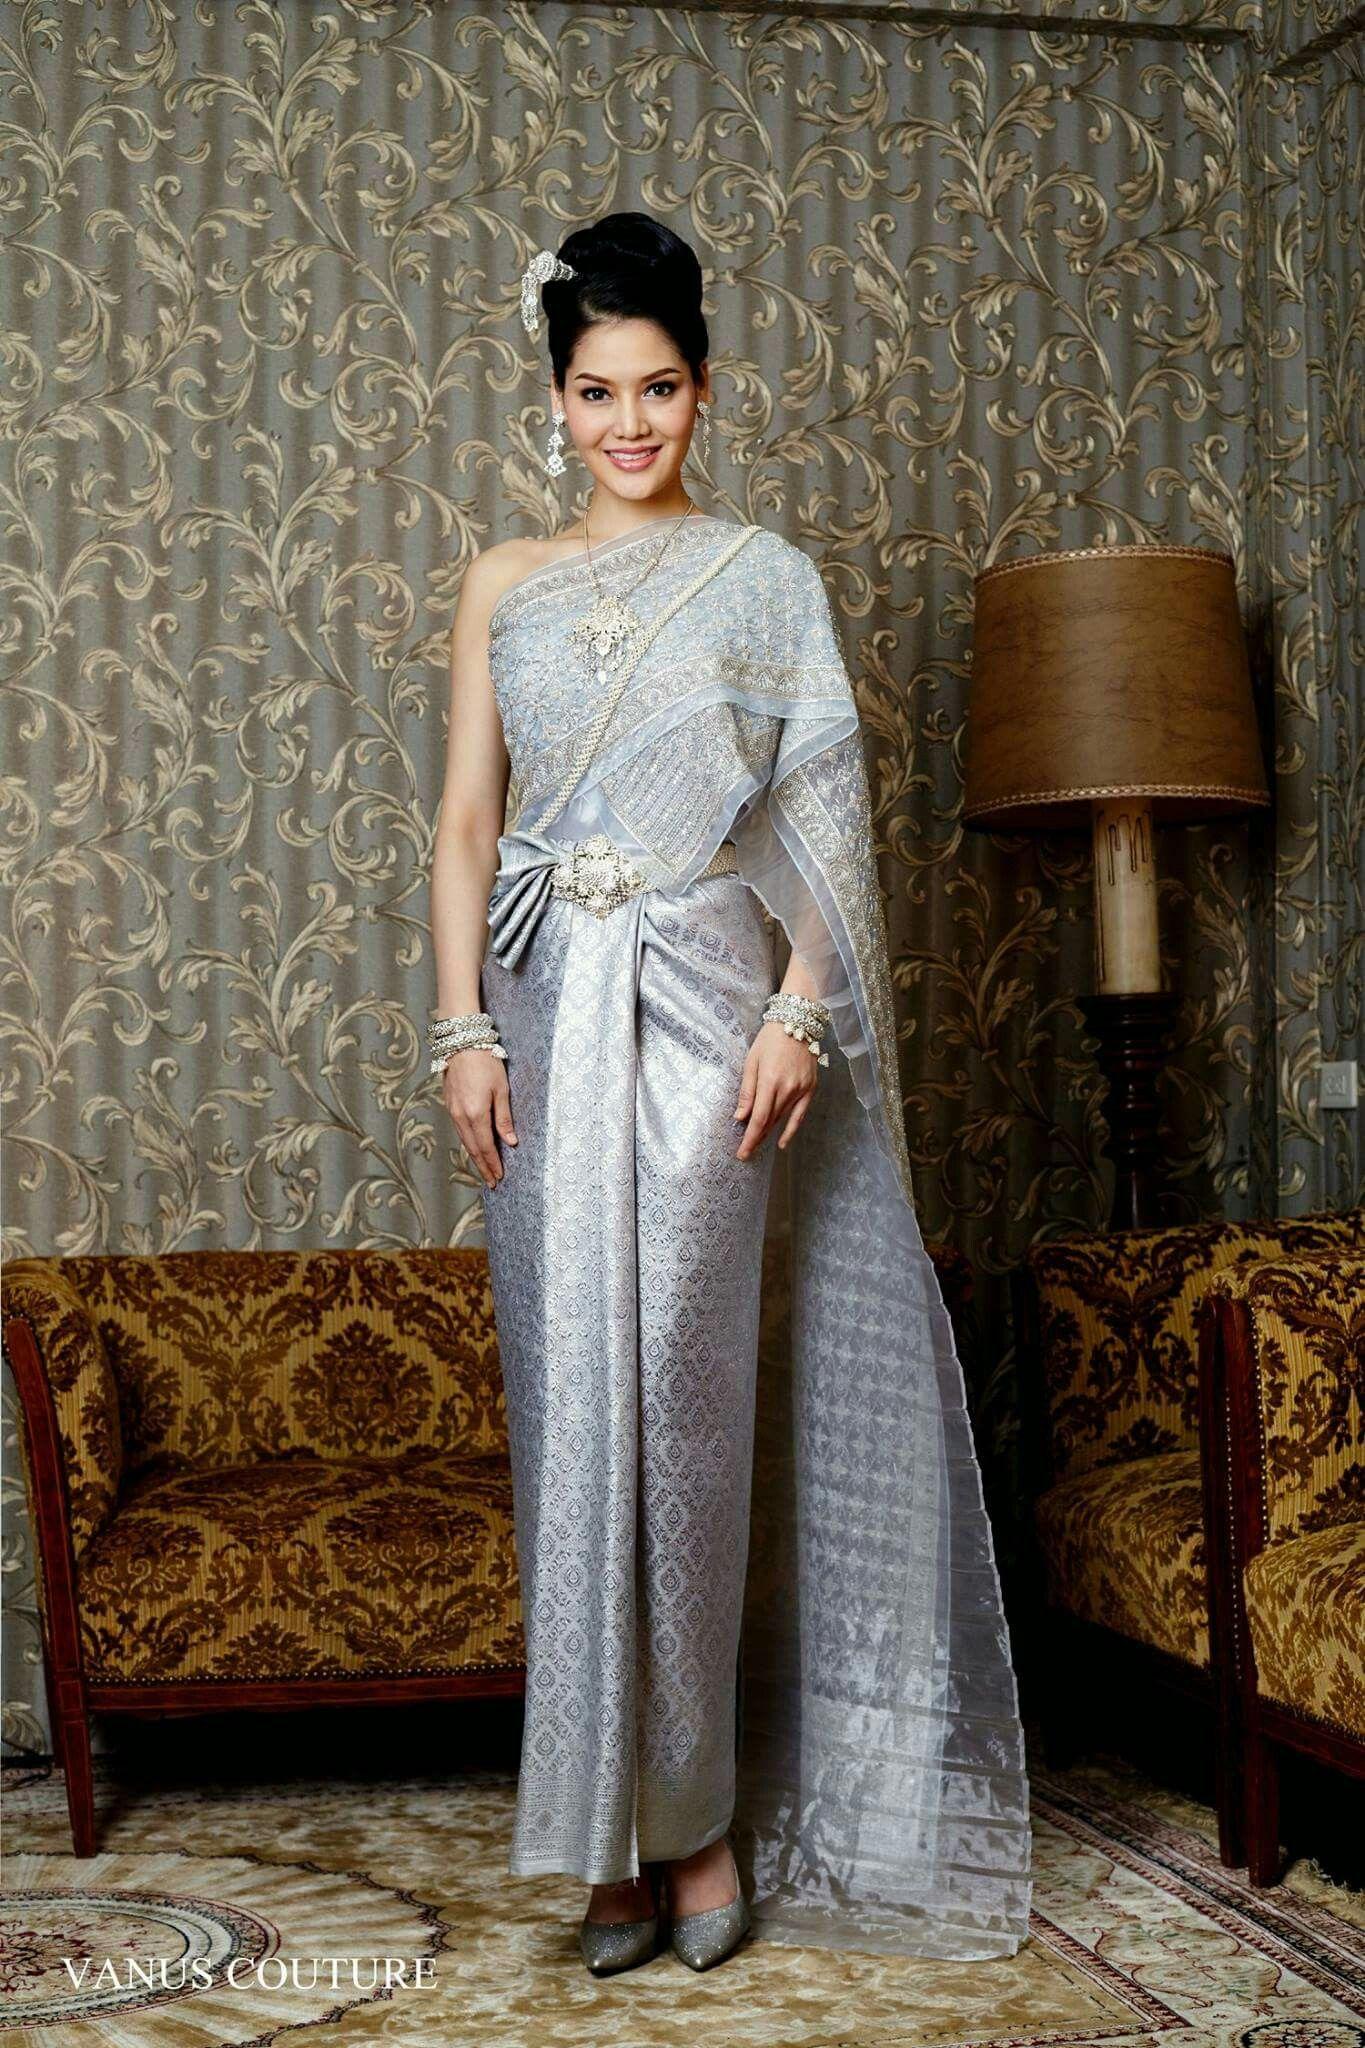 Pin von Sini Bal auf Thai wedding | Pinterest